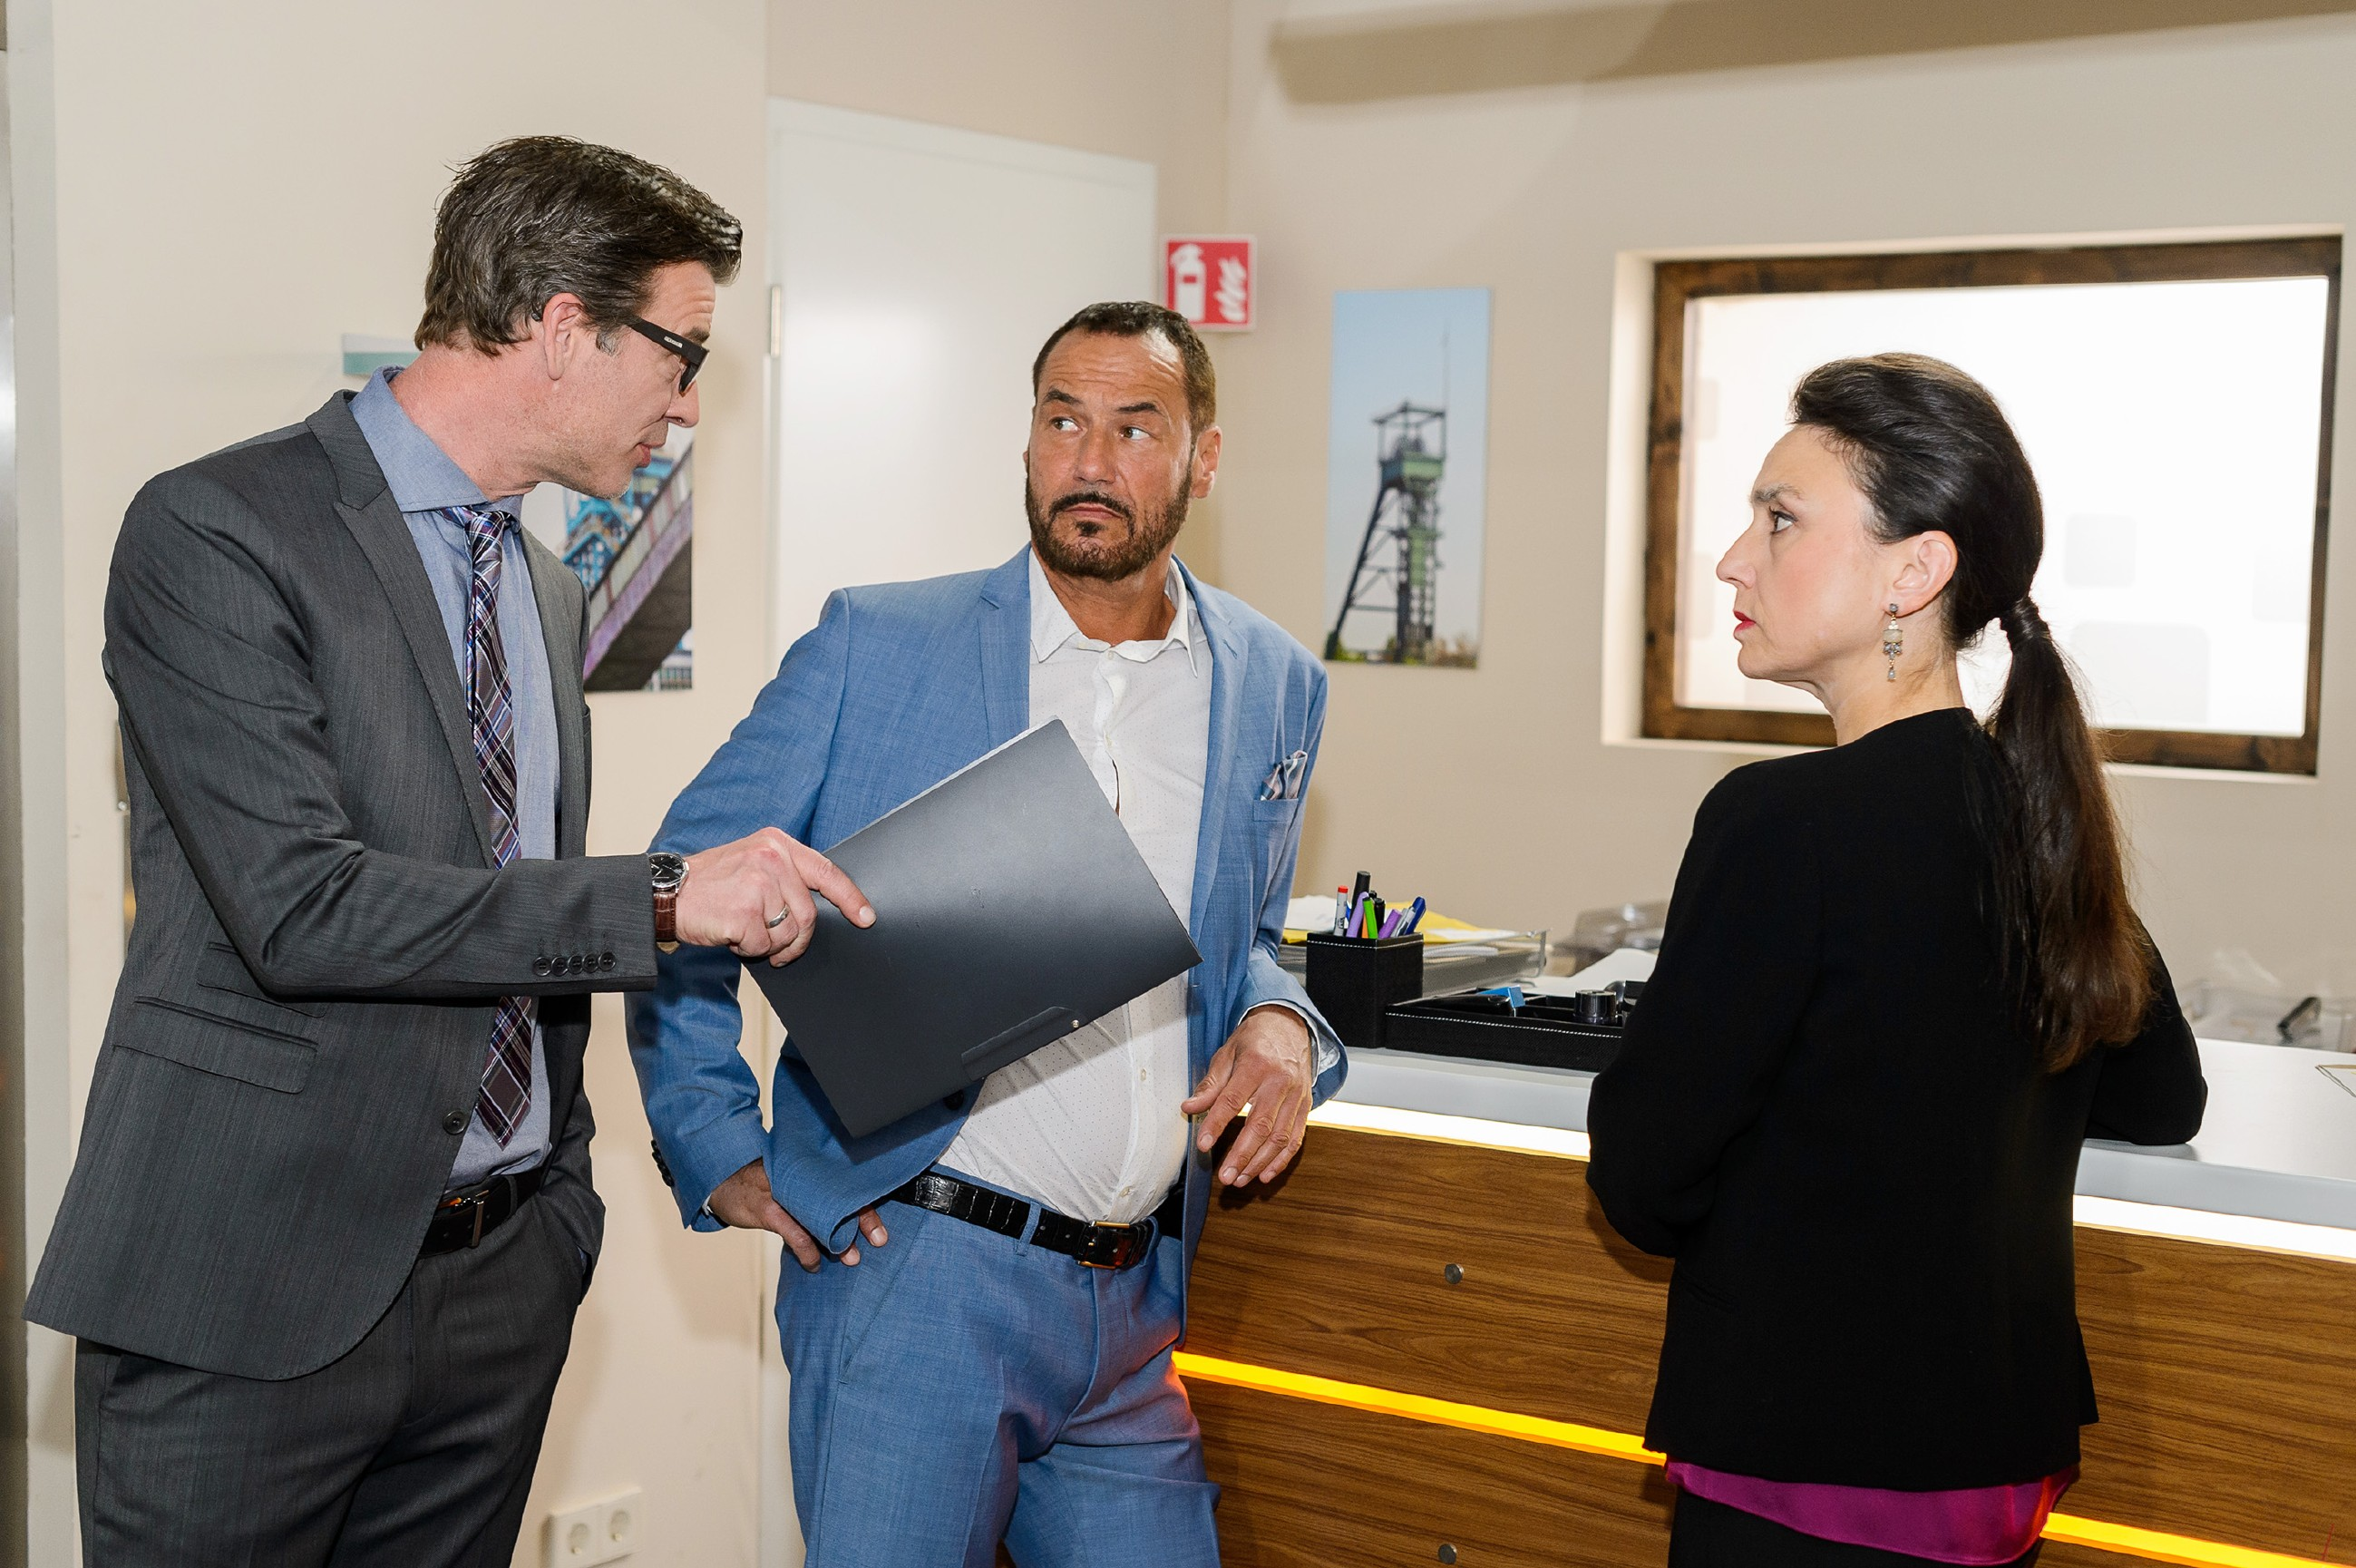 Christoph (Lars Korten, l.) macht Richard (Silvan-Pierre Leirich) und Simone (Tatjana Clasing) eine klare Ansage. (Quelle:RTL / Willi Weber)